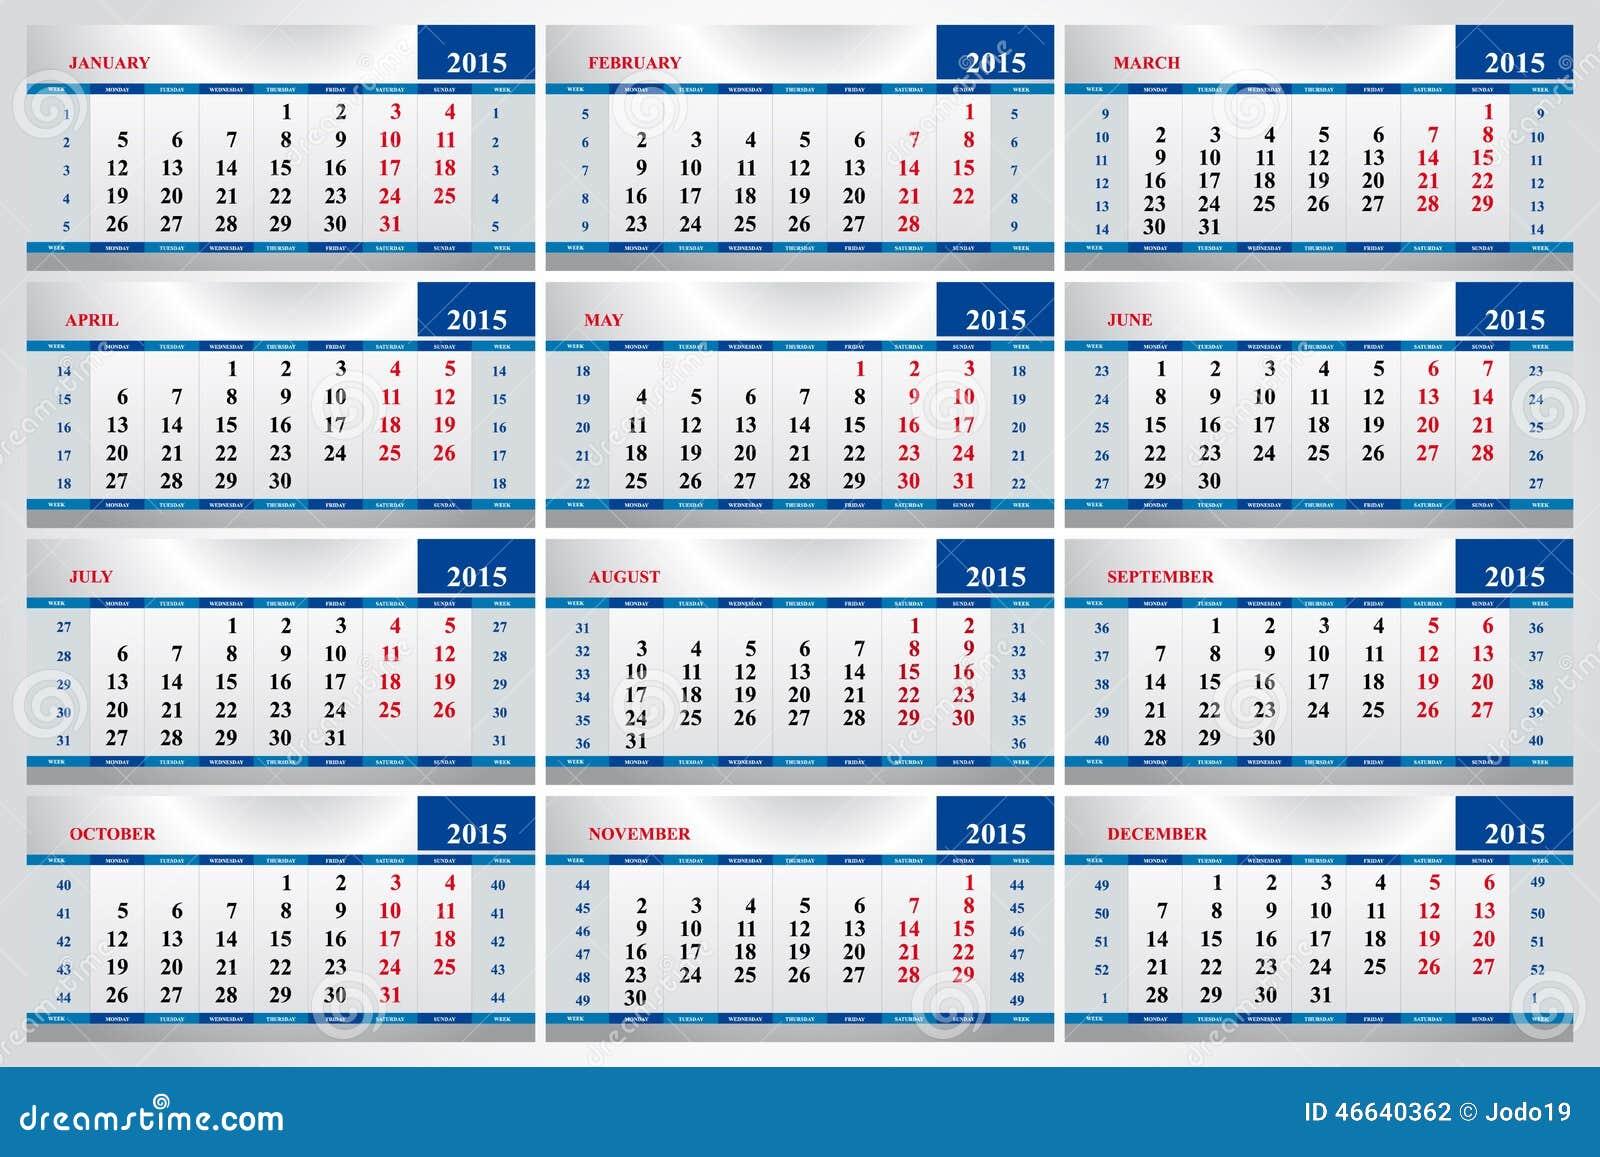 satz kalender f r jeden monat im jahre 2015 vektor abbildung bild 46640362. Black Bedroom Furniture Sets. Home Design Ideas